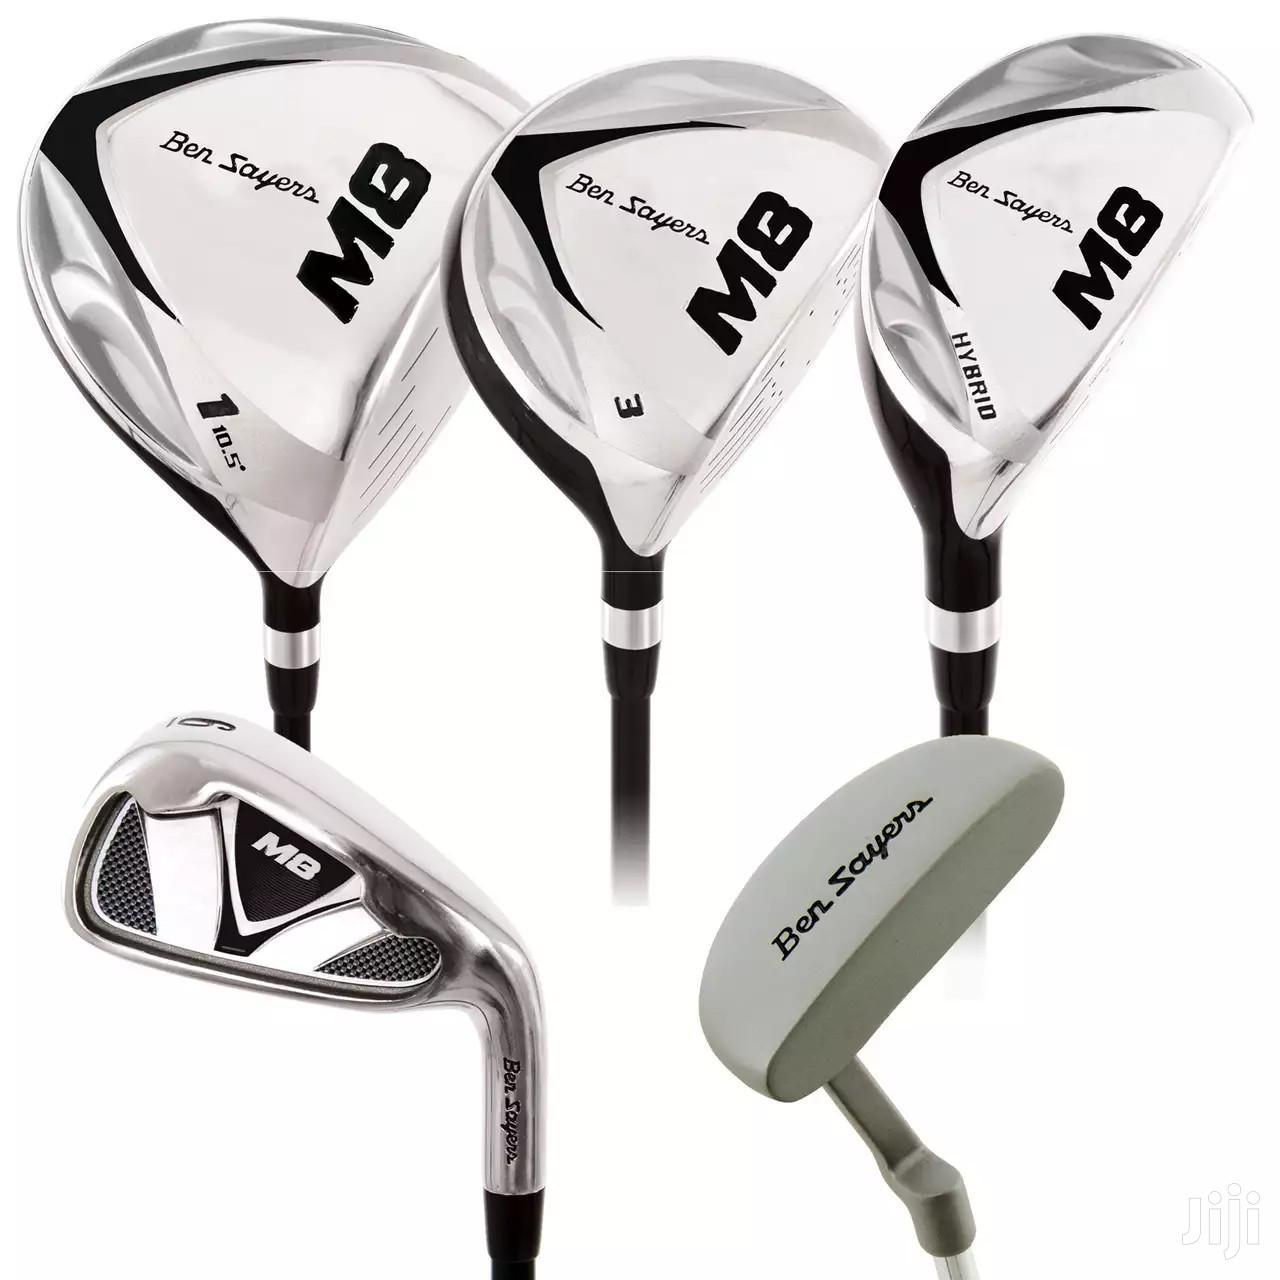 Ben Sayers Adult Mens Golf Club Set